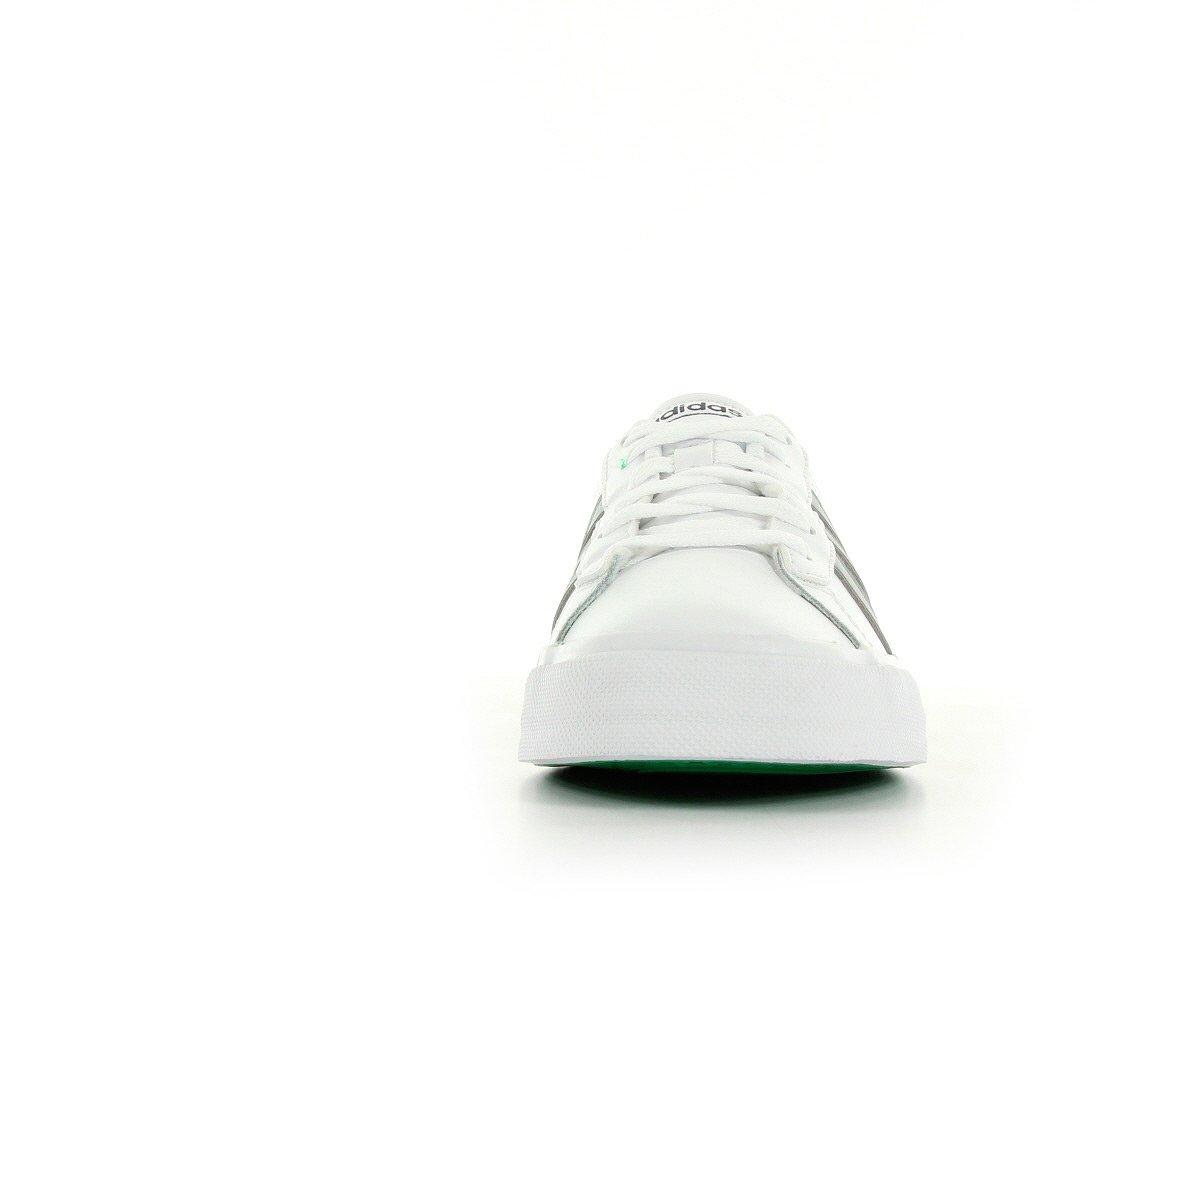 8674b03565 Adidas SE Daily Vulc F39045